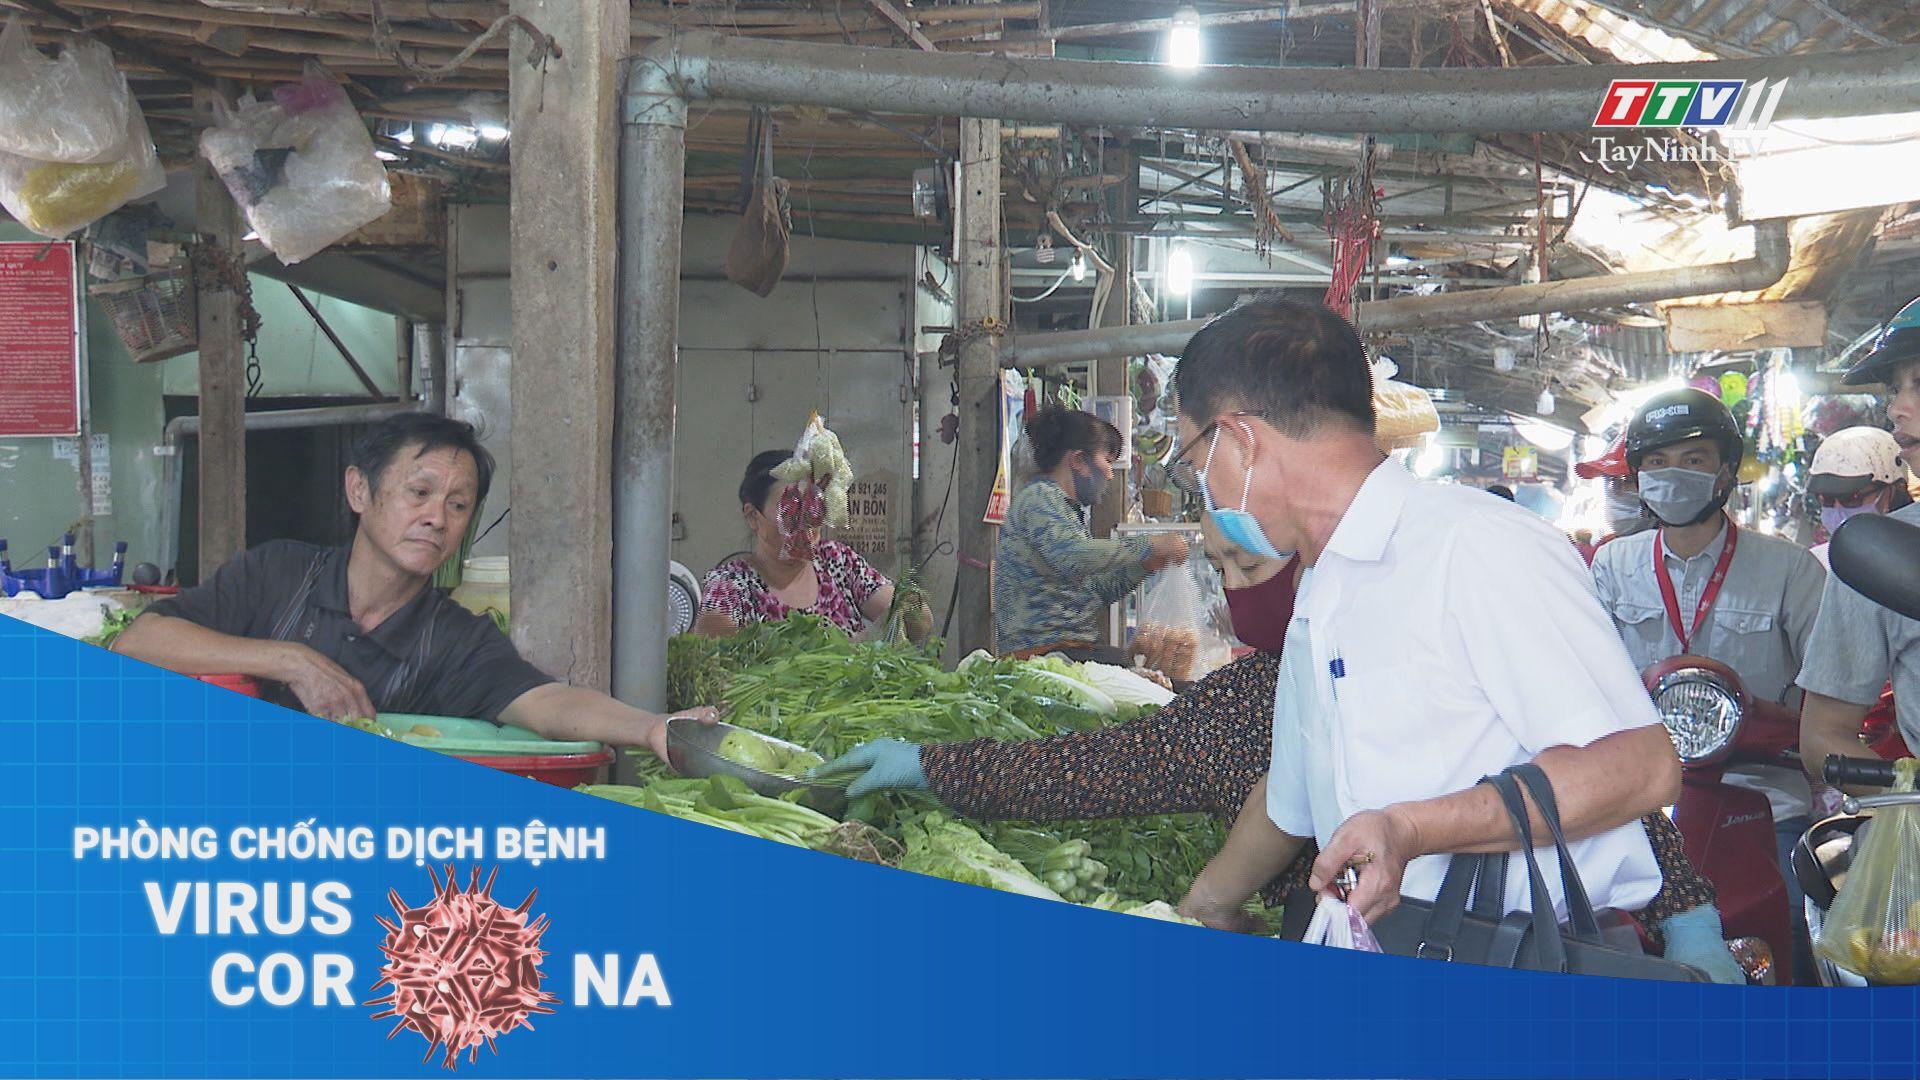 Không đeo khẩu trang phải xử phạt | THÔNG TIN DỊCH CÚM COVID-19 | TayNinhTV